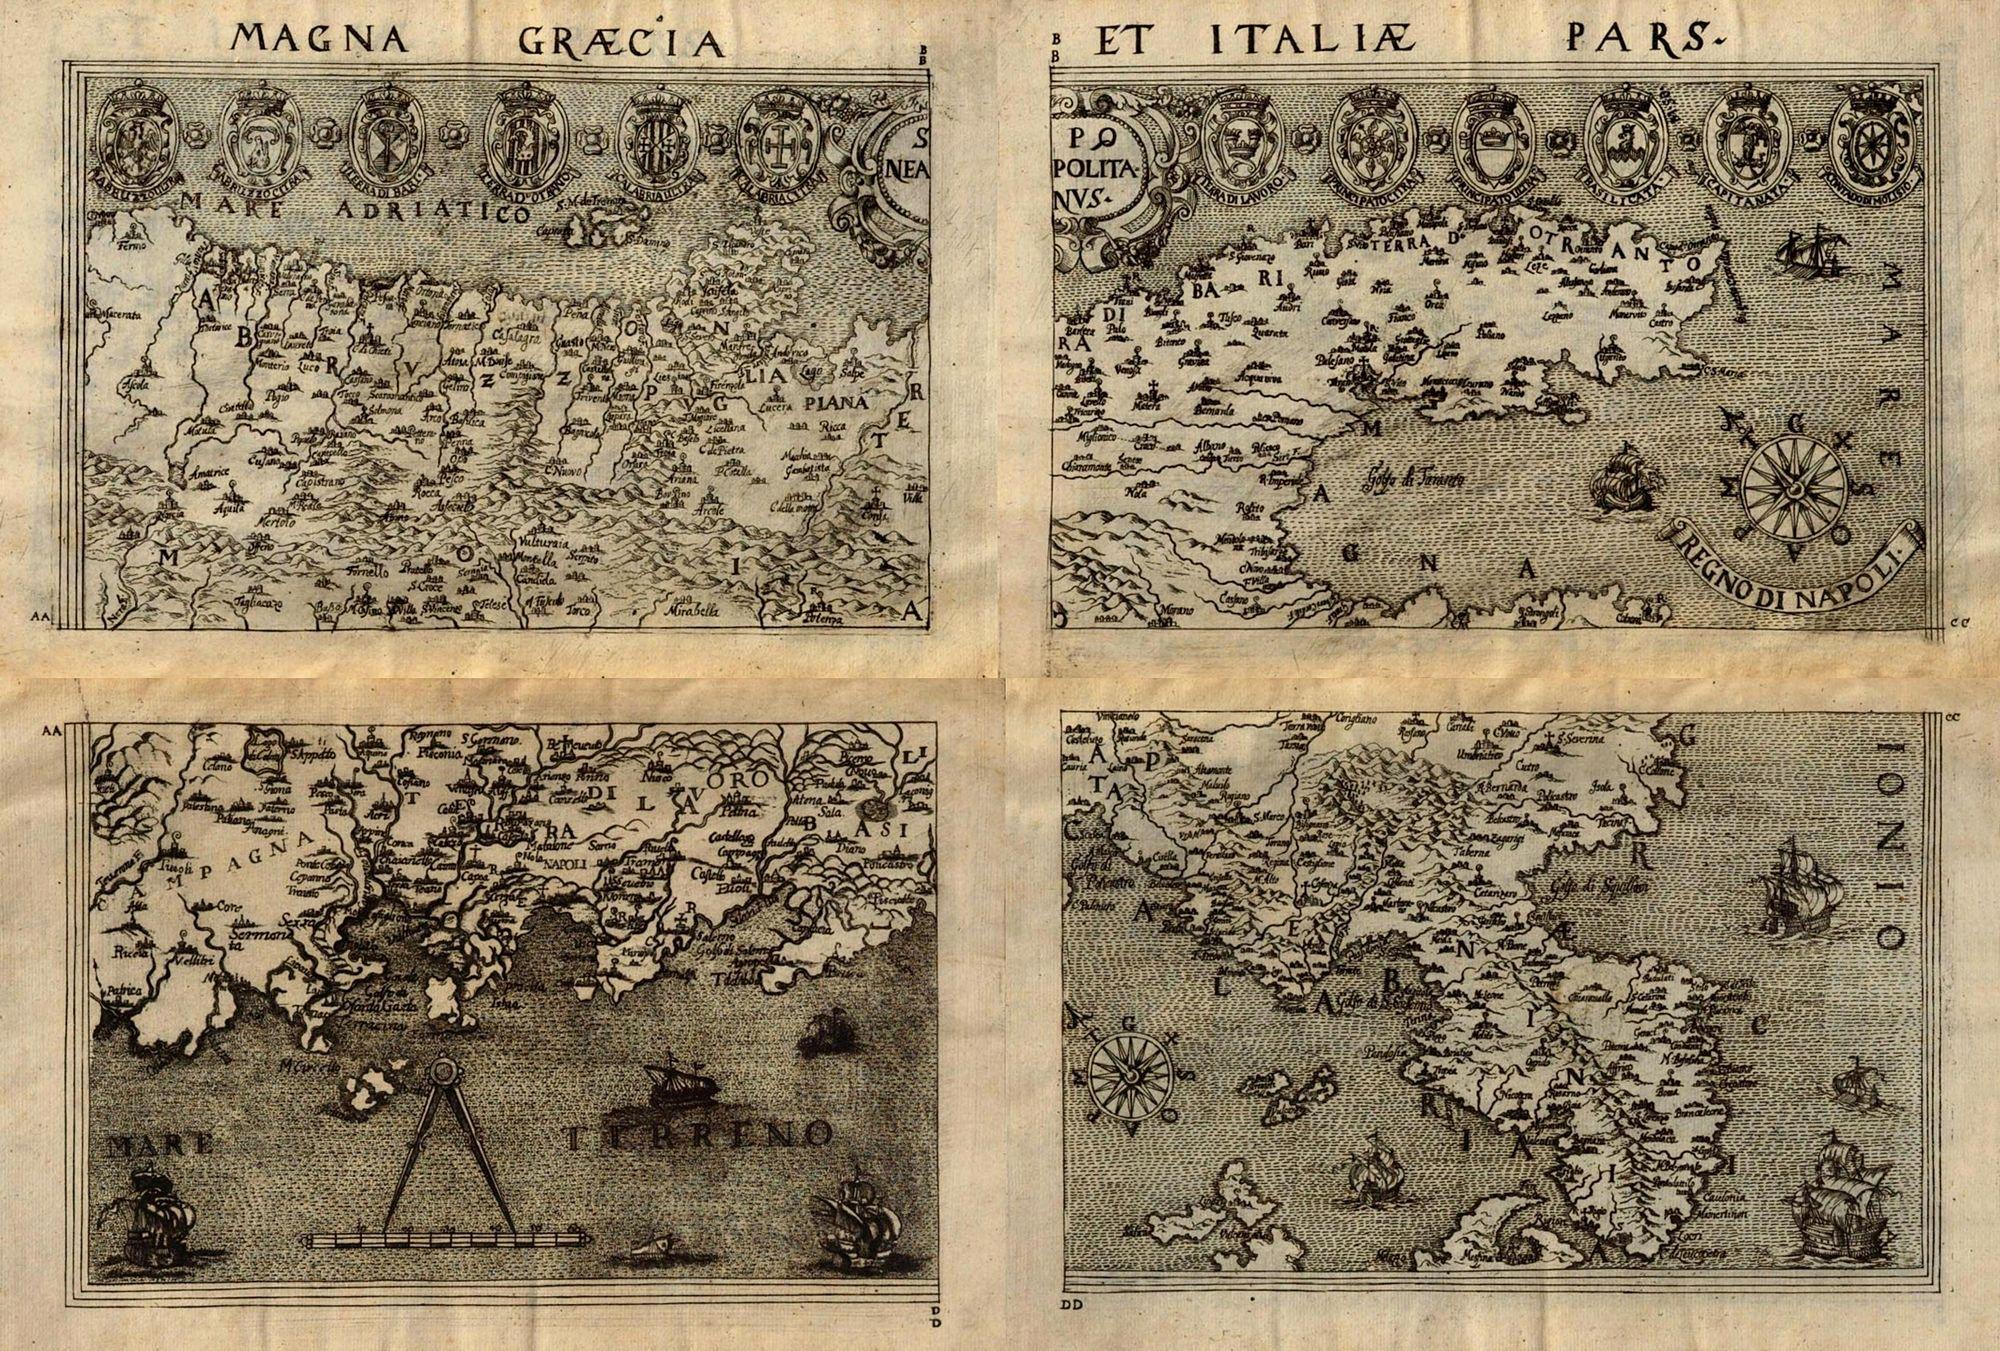 Prospero Parisio, Magna Grecia et pars Italiae, riedizione del 1683   A Napoli è in mostra la 1a edizione del 1592